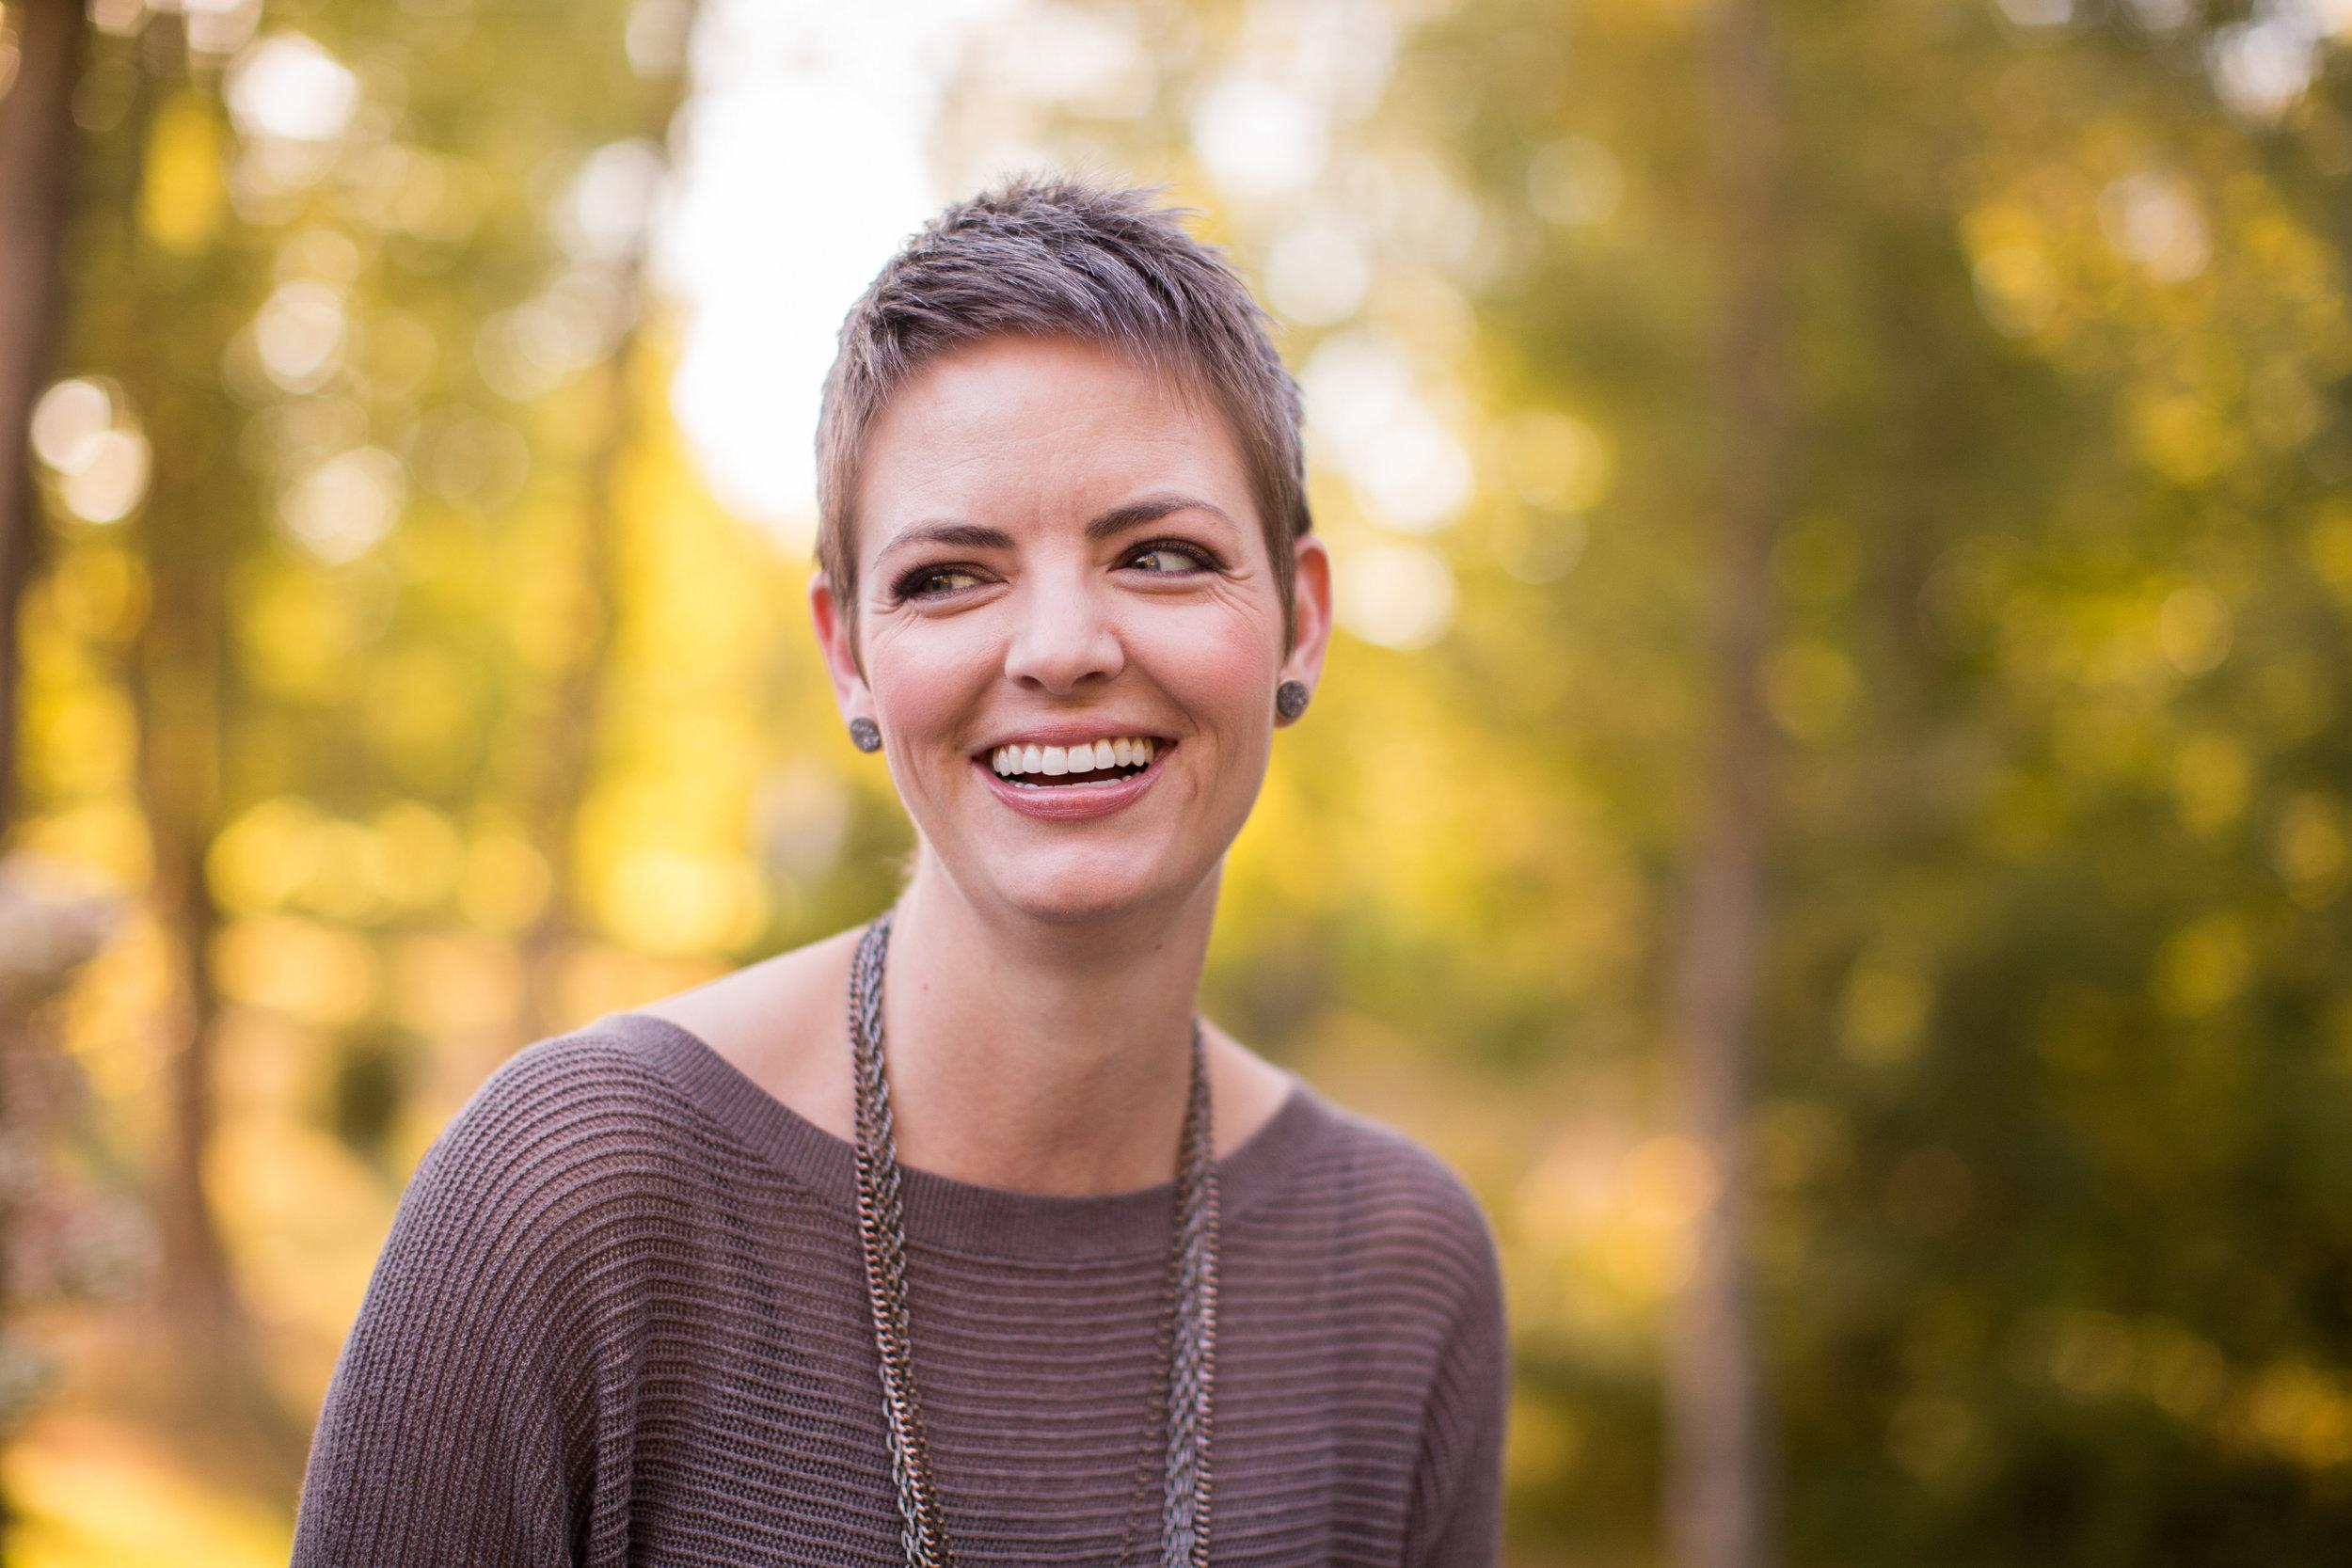 Kelly Lyndgaard, mentor, sponsor, friend and host of this week's episode.